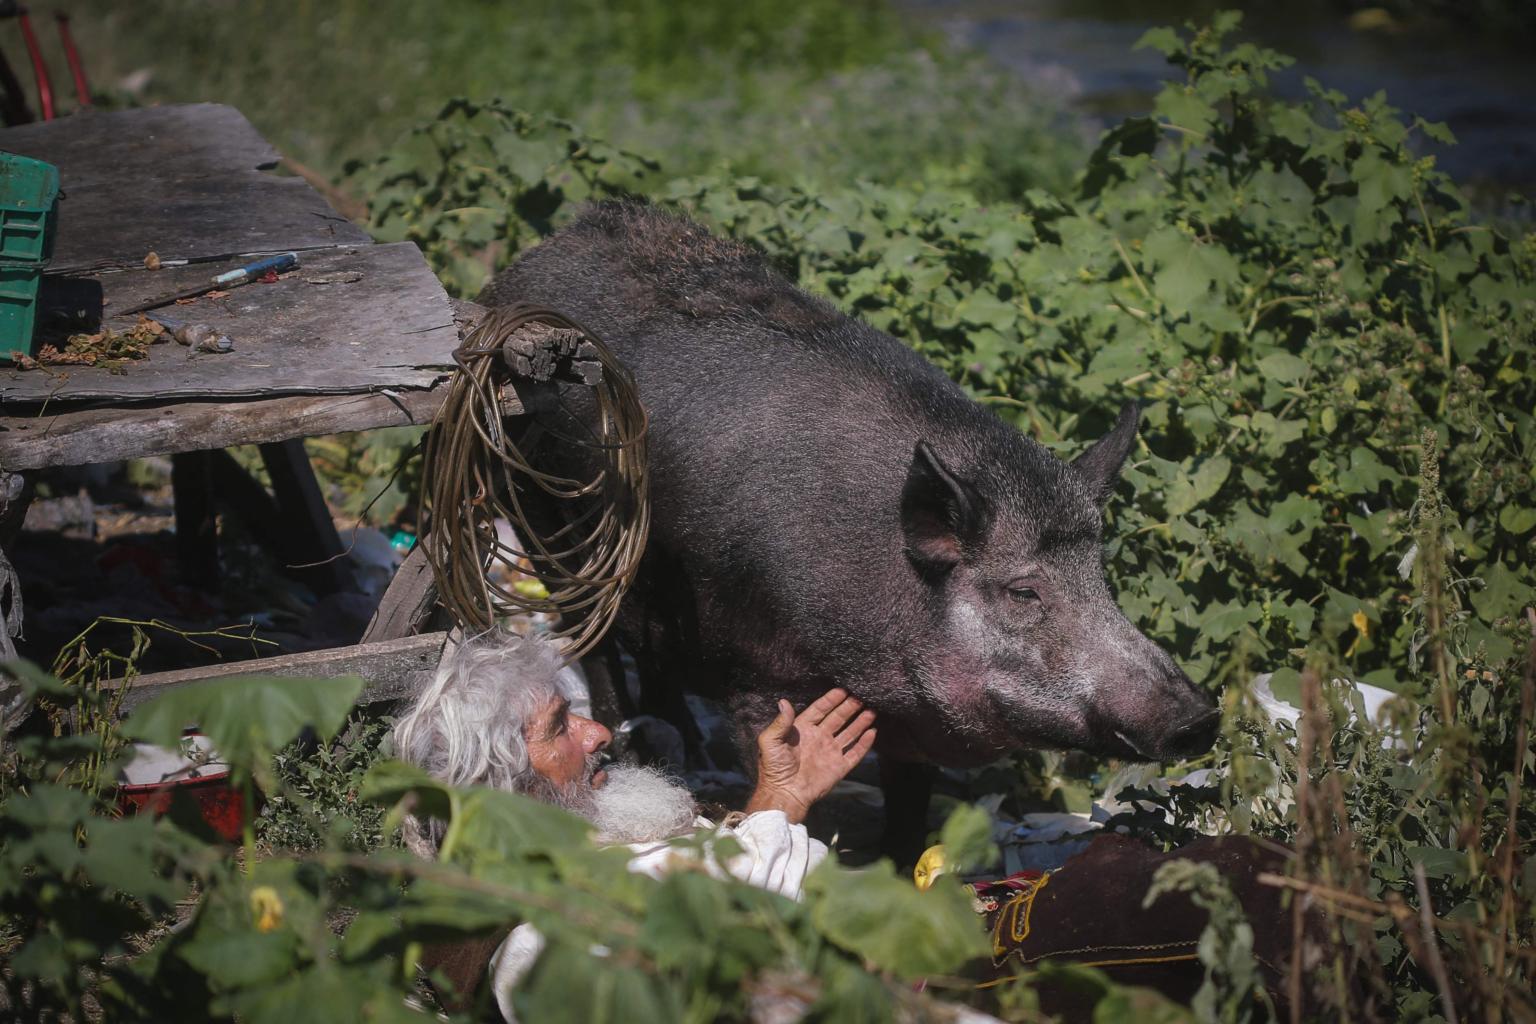 Vị ẩn sĩ 70 tuổi chủ yếu ăn nấm và cá từ con lạch địa phương. Thi thoảng ông đi bộ xuống trung tâm thị trấn, tìm kiếm thức ăn thừa trong thùng tác. Gần đây, ông xuống núi thường xuyên hơn. Ông có nuôi đàn dê, gà và khoảng 30 con chó và mèo - những động vật mà ông yêu thích. Trong đó có con lợn rừng trưởng thành Mara rất được cưng chiều. Ông Petrovic tìm thấy nó cách đây 8 năm và đem về nuôi. Tôi rất yêu Mara và nó rất nghe lời. Với tôi không có tiền bạc nào mua được con vật cưng thực sự thế này, ông nói.